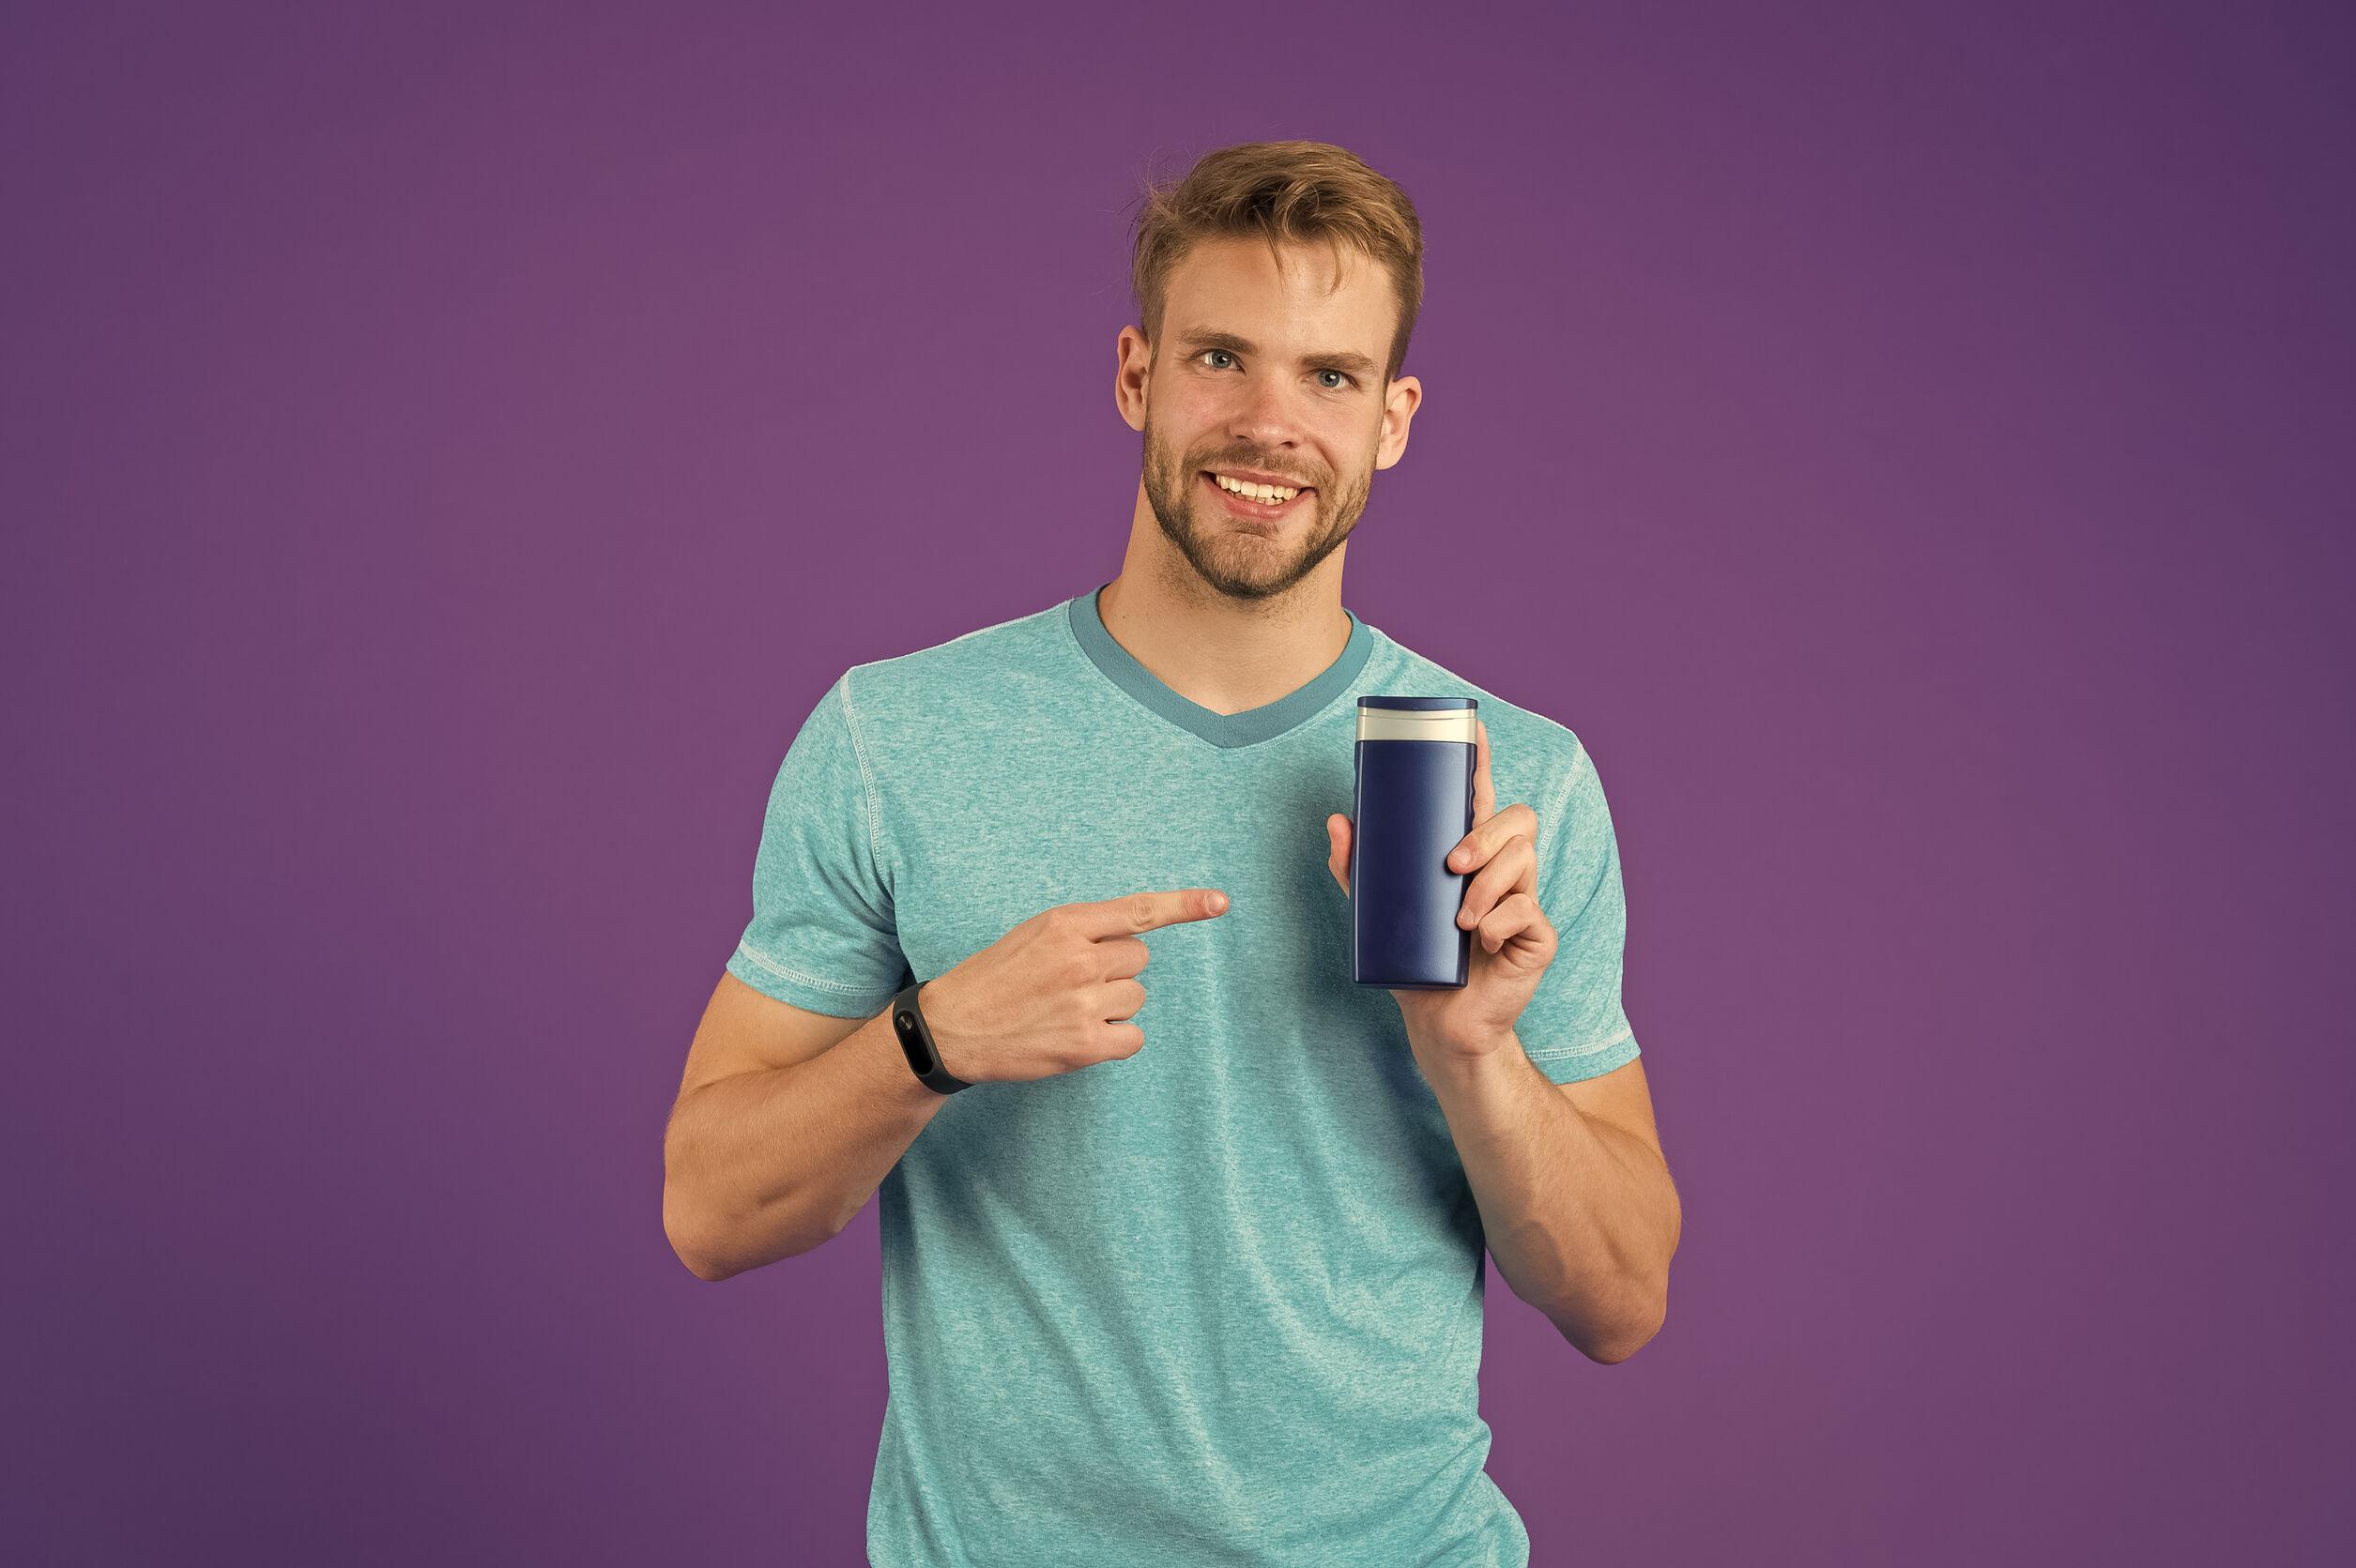 Hombre feliz señalar con el dedo al tubo de gel sobre fondo violeta